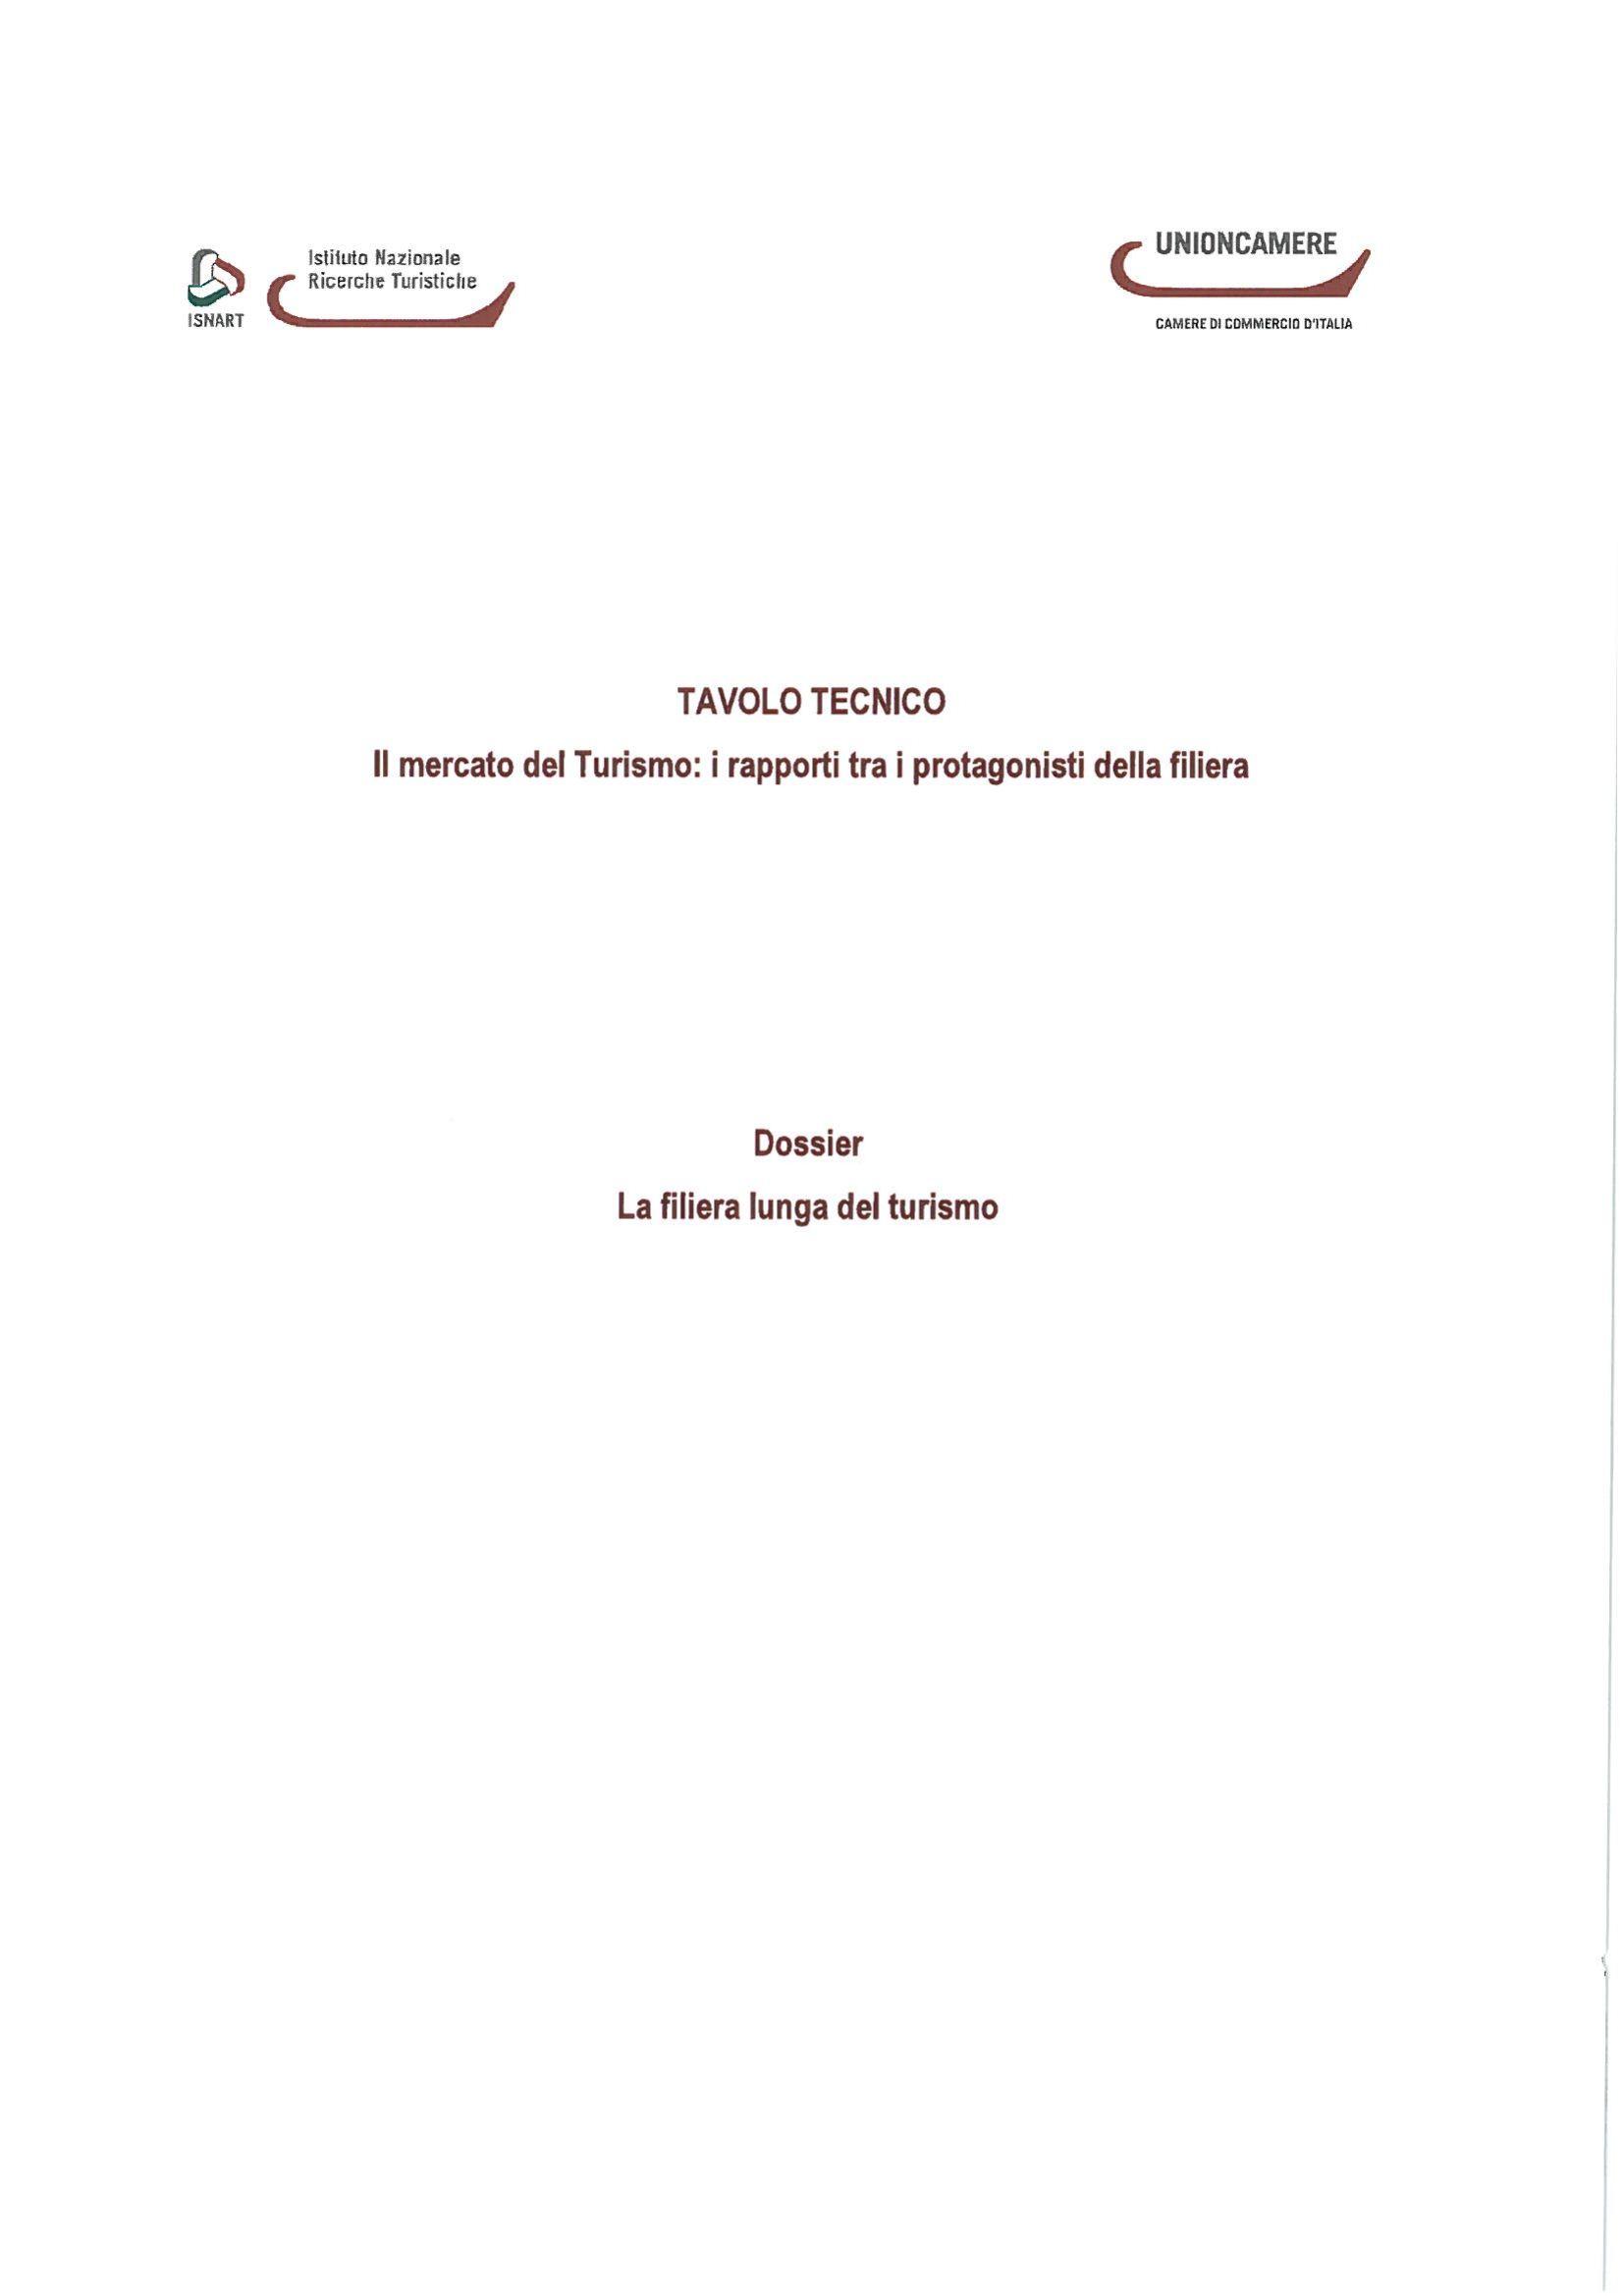 Il mercato del turismo: i rapporti fra i protagonisti della filiera